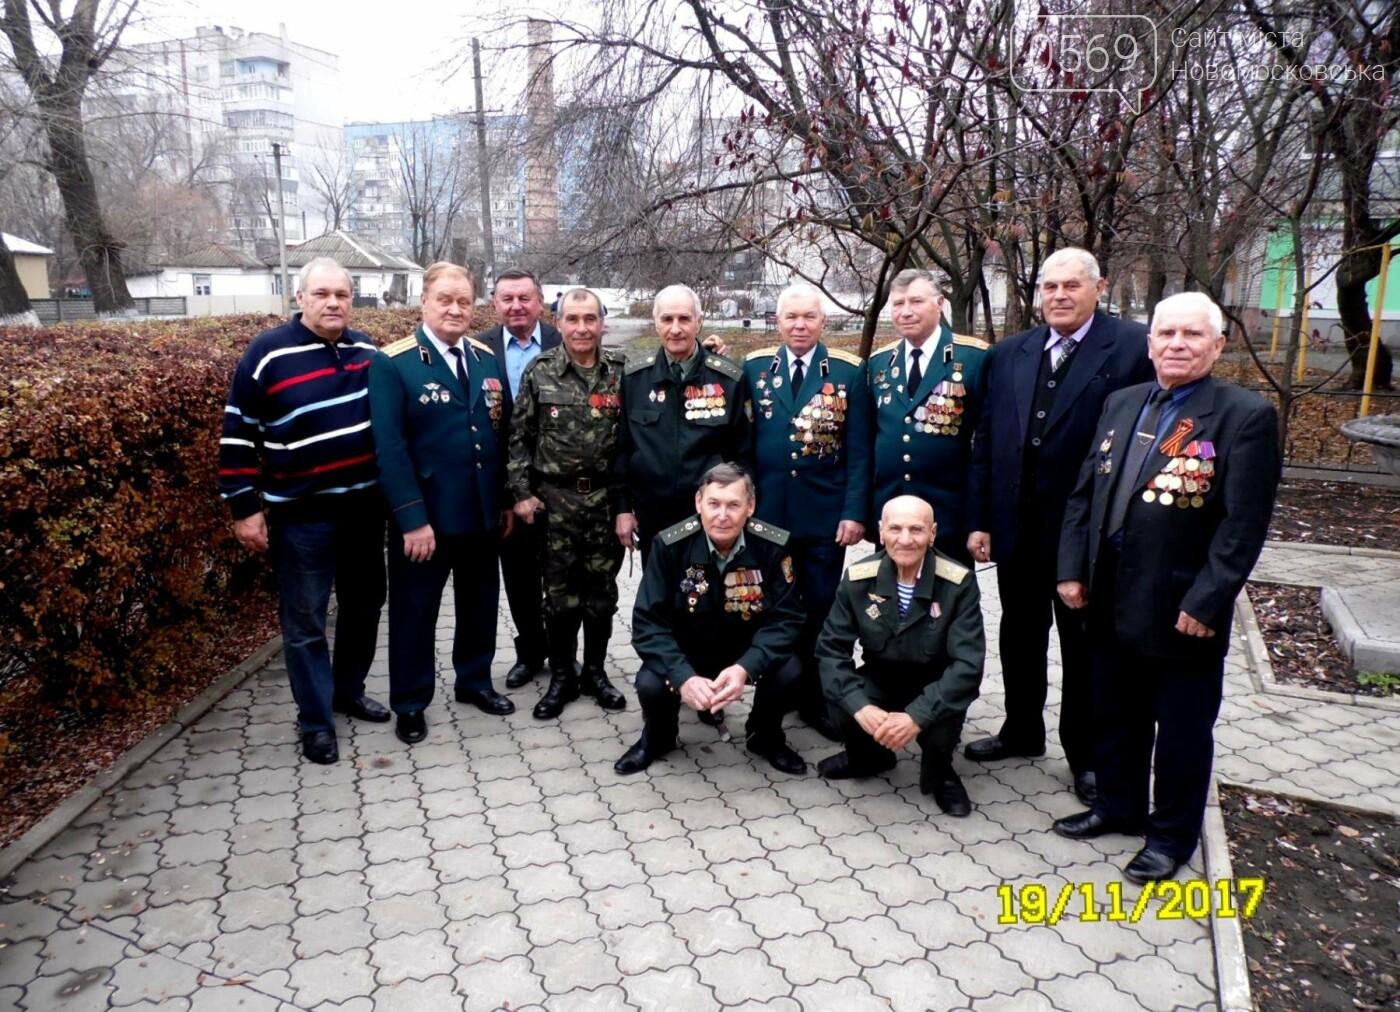 Новомосковские ветераны гвардейцы-артиллеристы отметили 75-летие Сталинградской битвы, фото-8